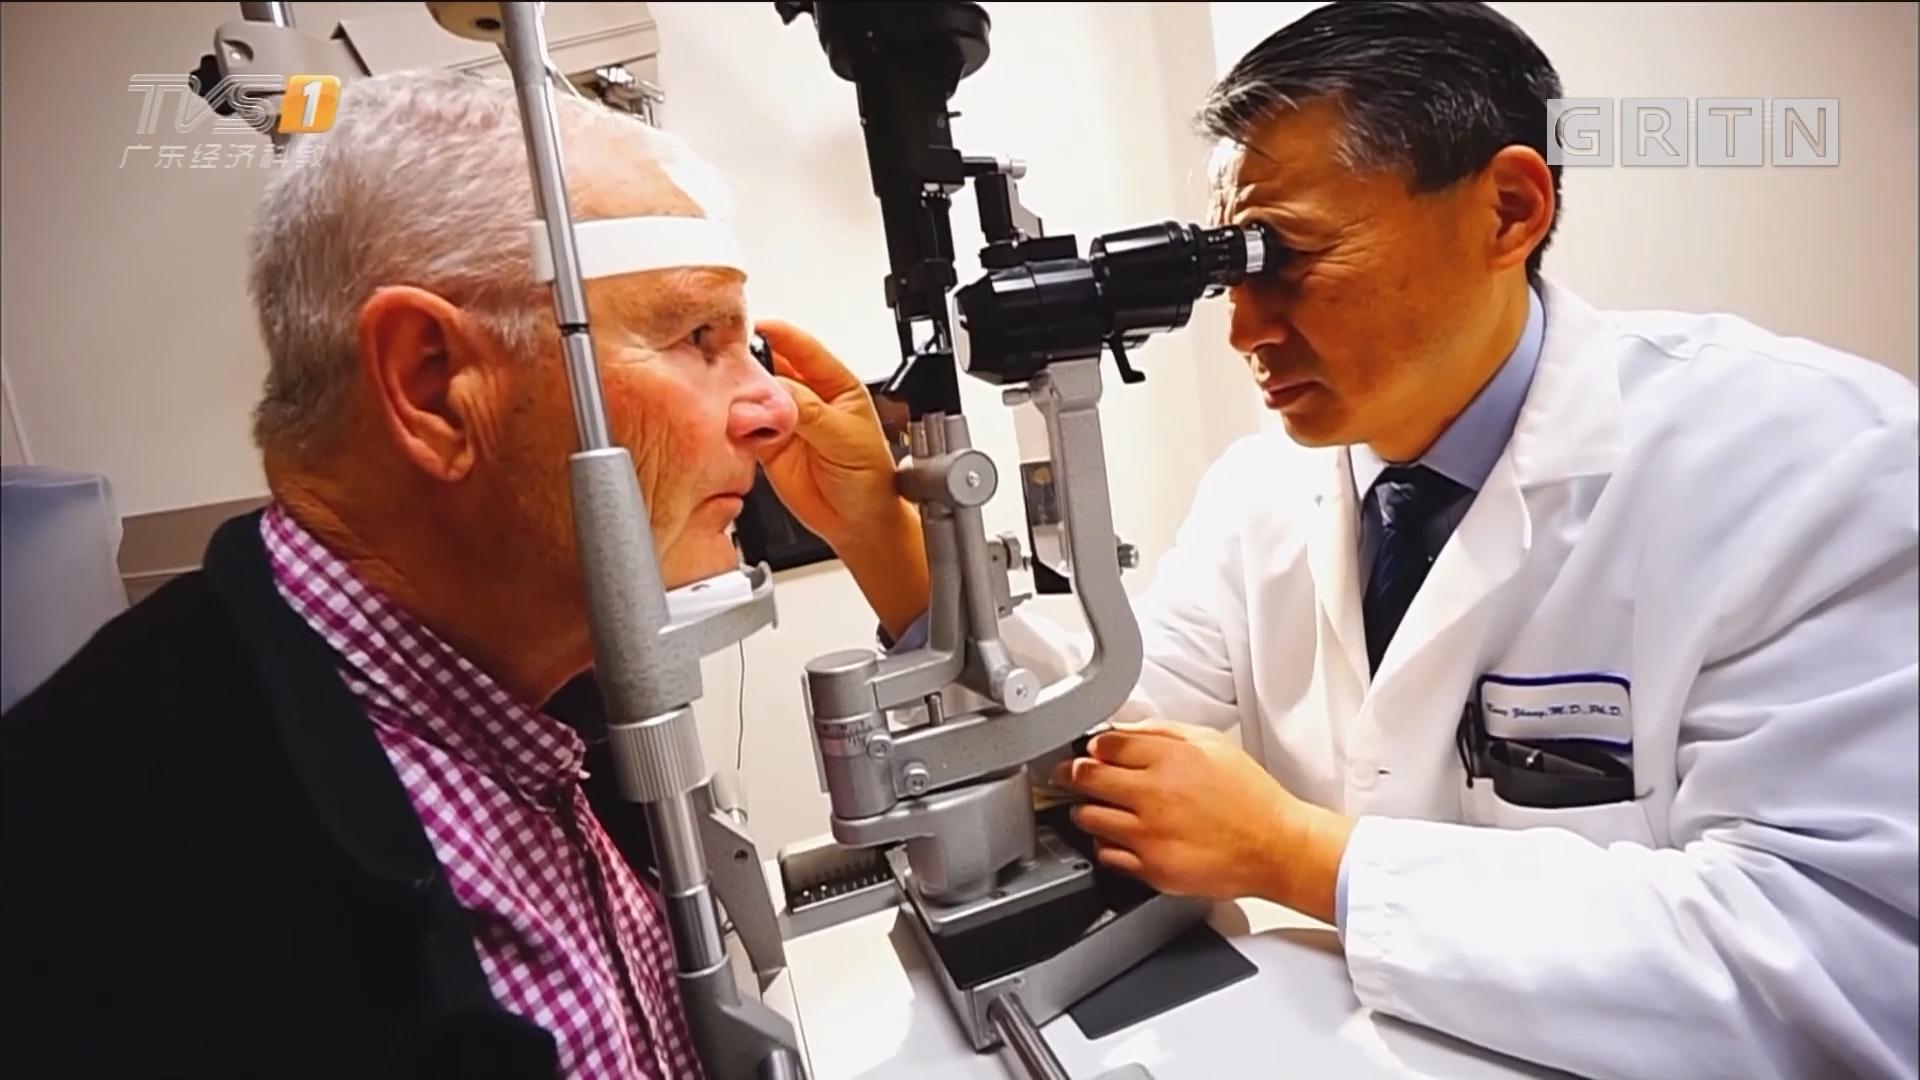 新型人工智能技术可高效筛查眼疾